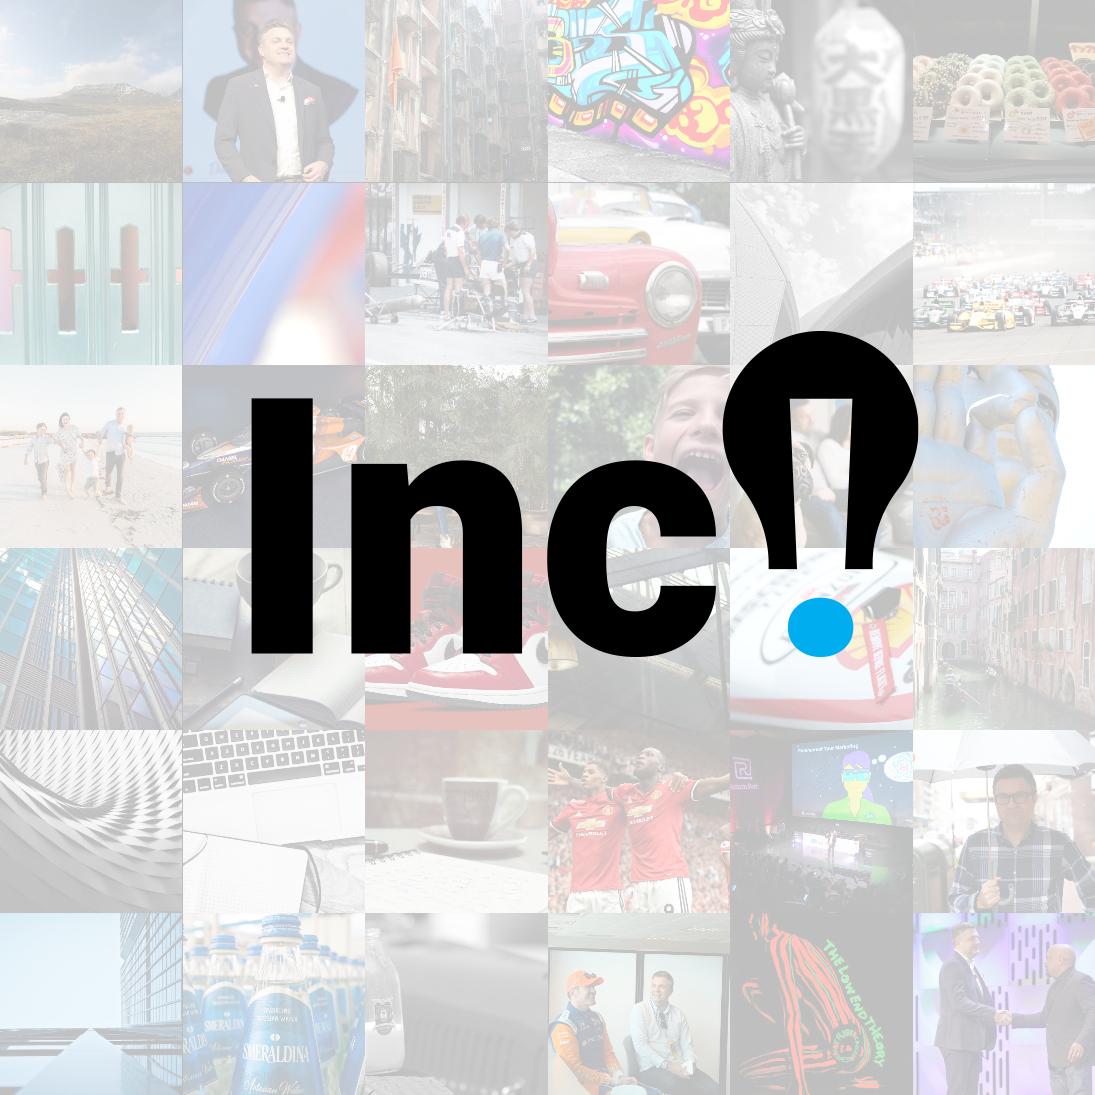 Inc! by Daniel Incandela